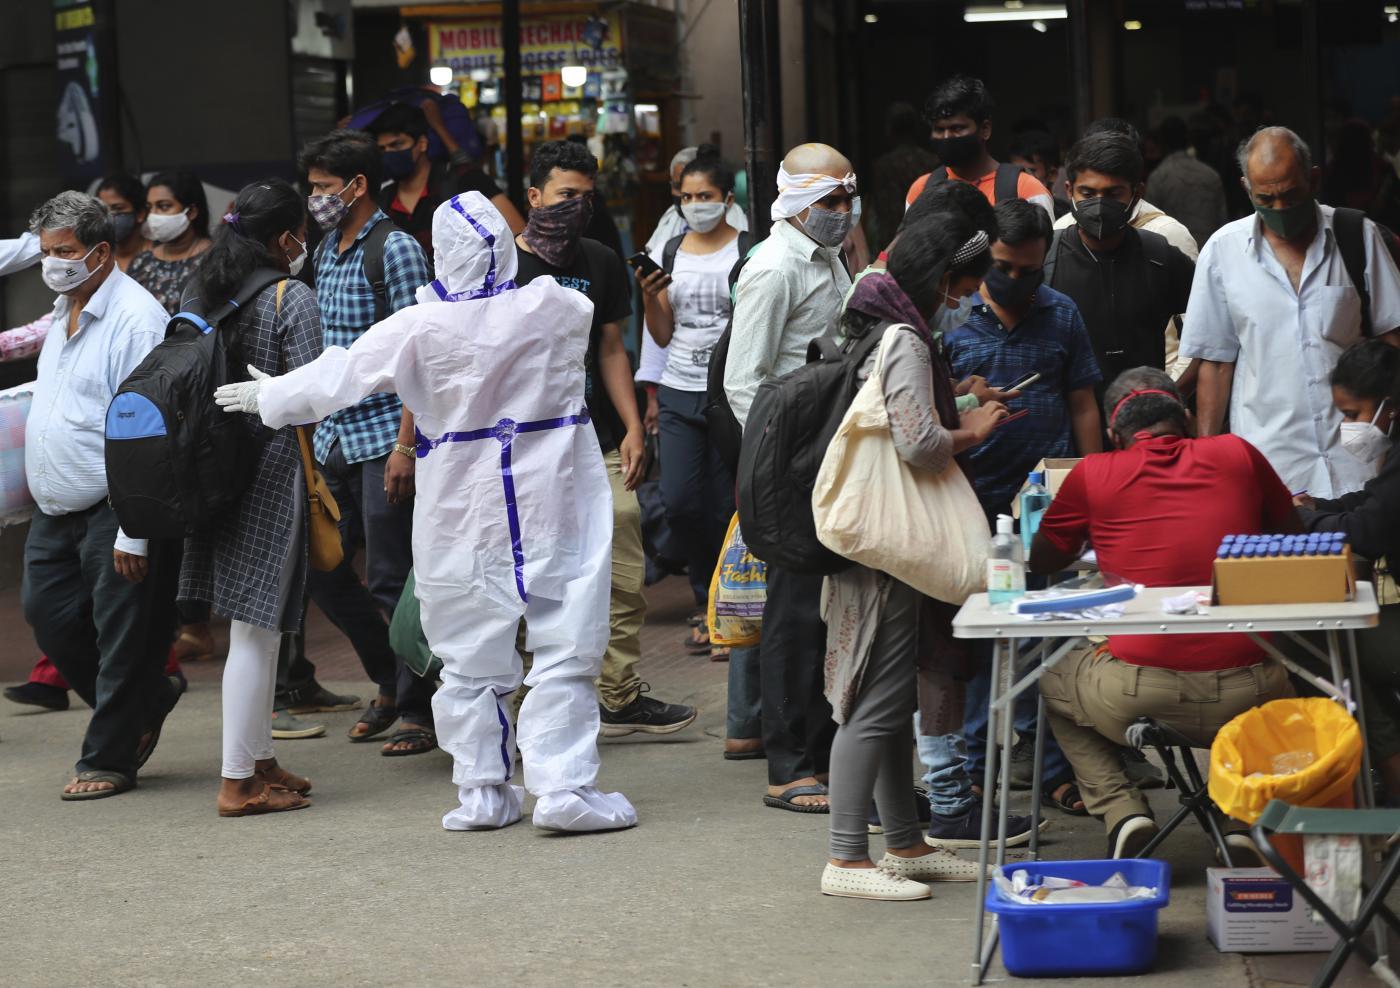 Oms: Pandemia a punto critico, contagi esponenziali